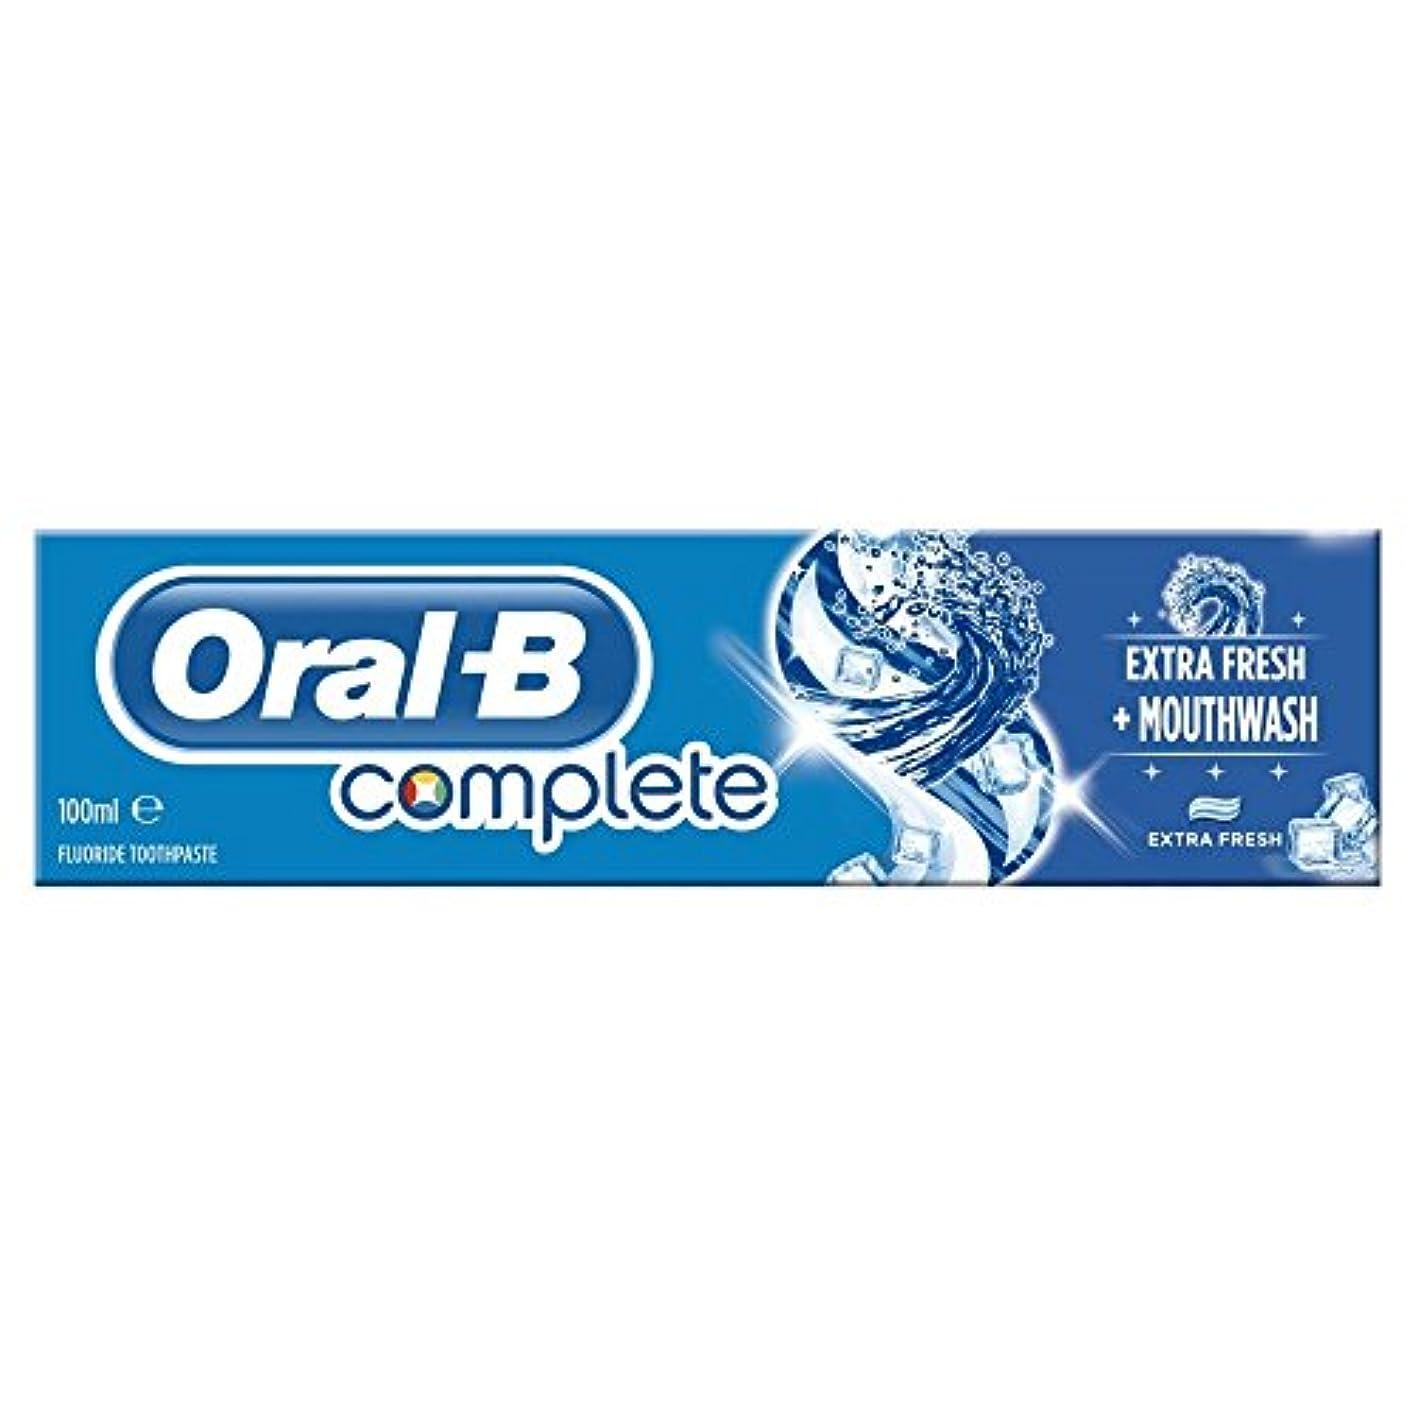 異なる寺院どれでもOral B Complete Extra Fresh Toothpaste (100ml) 経口b完全な余分な新鮮な歯磨き粉( 100ミリリットル) [並行輸入品]